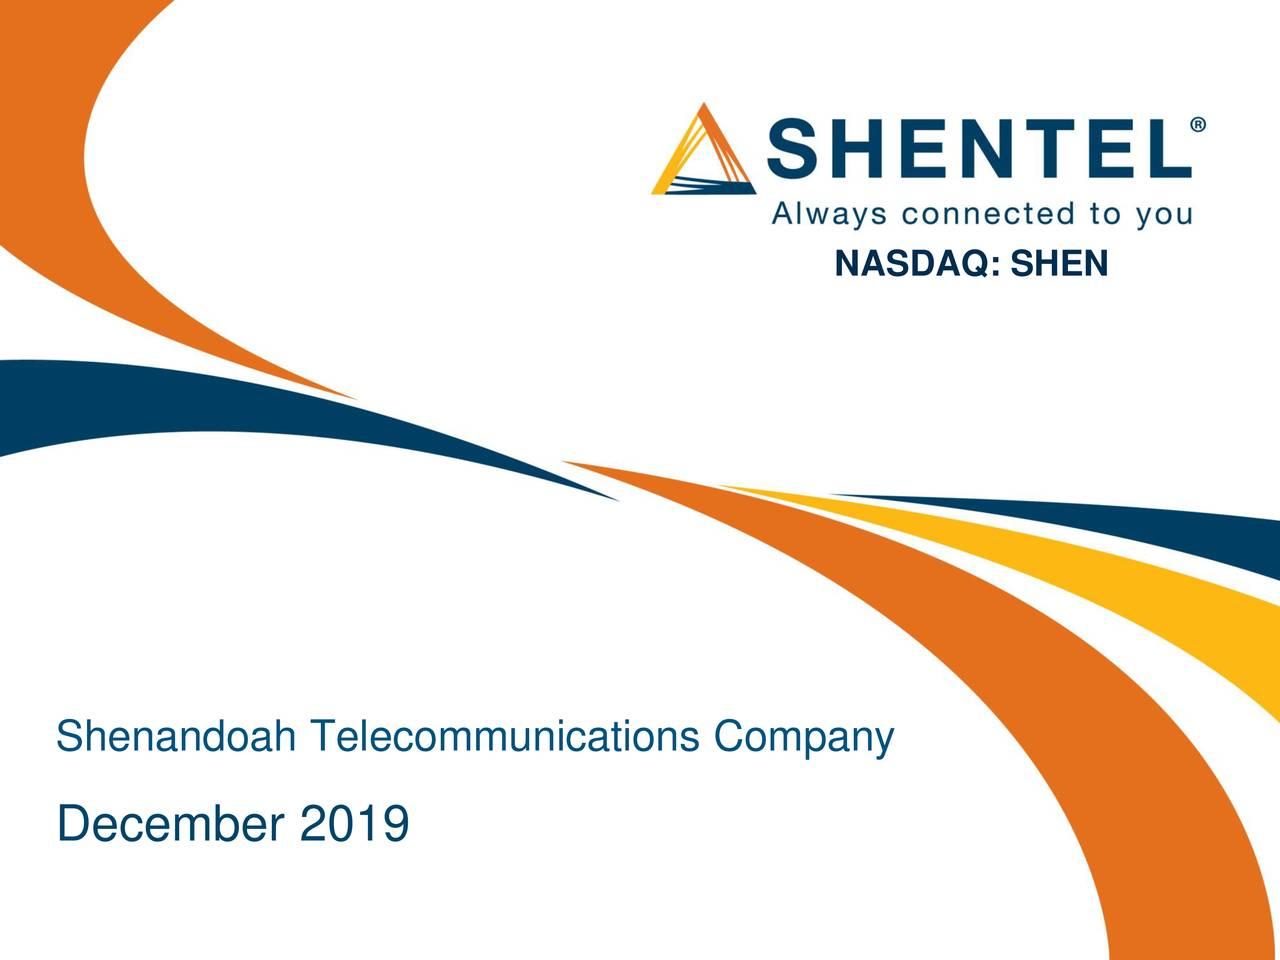 Shenandoah Telecommunications (SHEN) Presents At UBS Global TMT Conference - Slideshow - Shenandoah Telecommunications Company (NASDAQ:SHEN)   Seeking Alpha